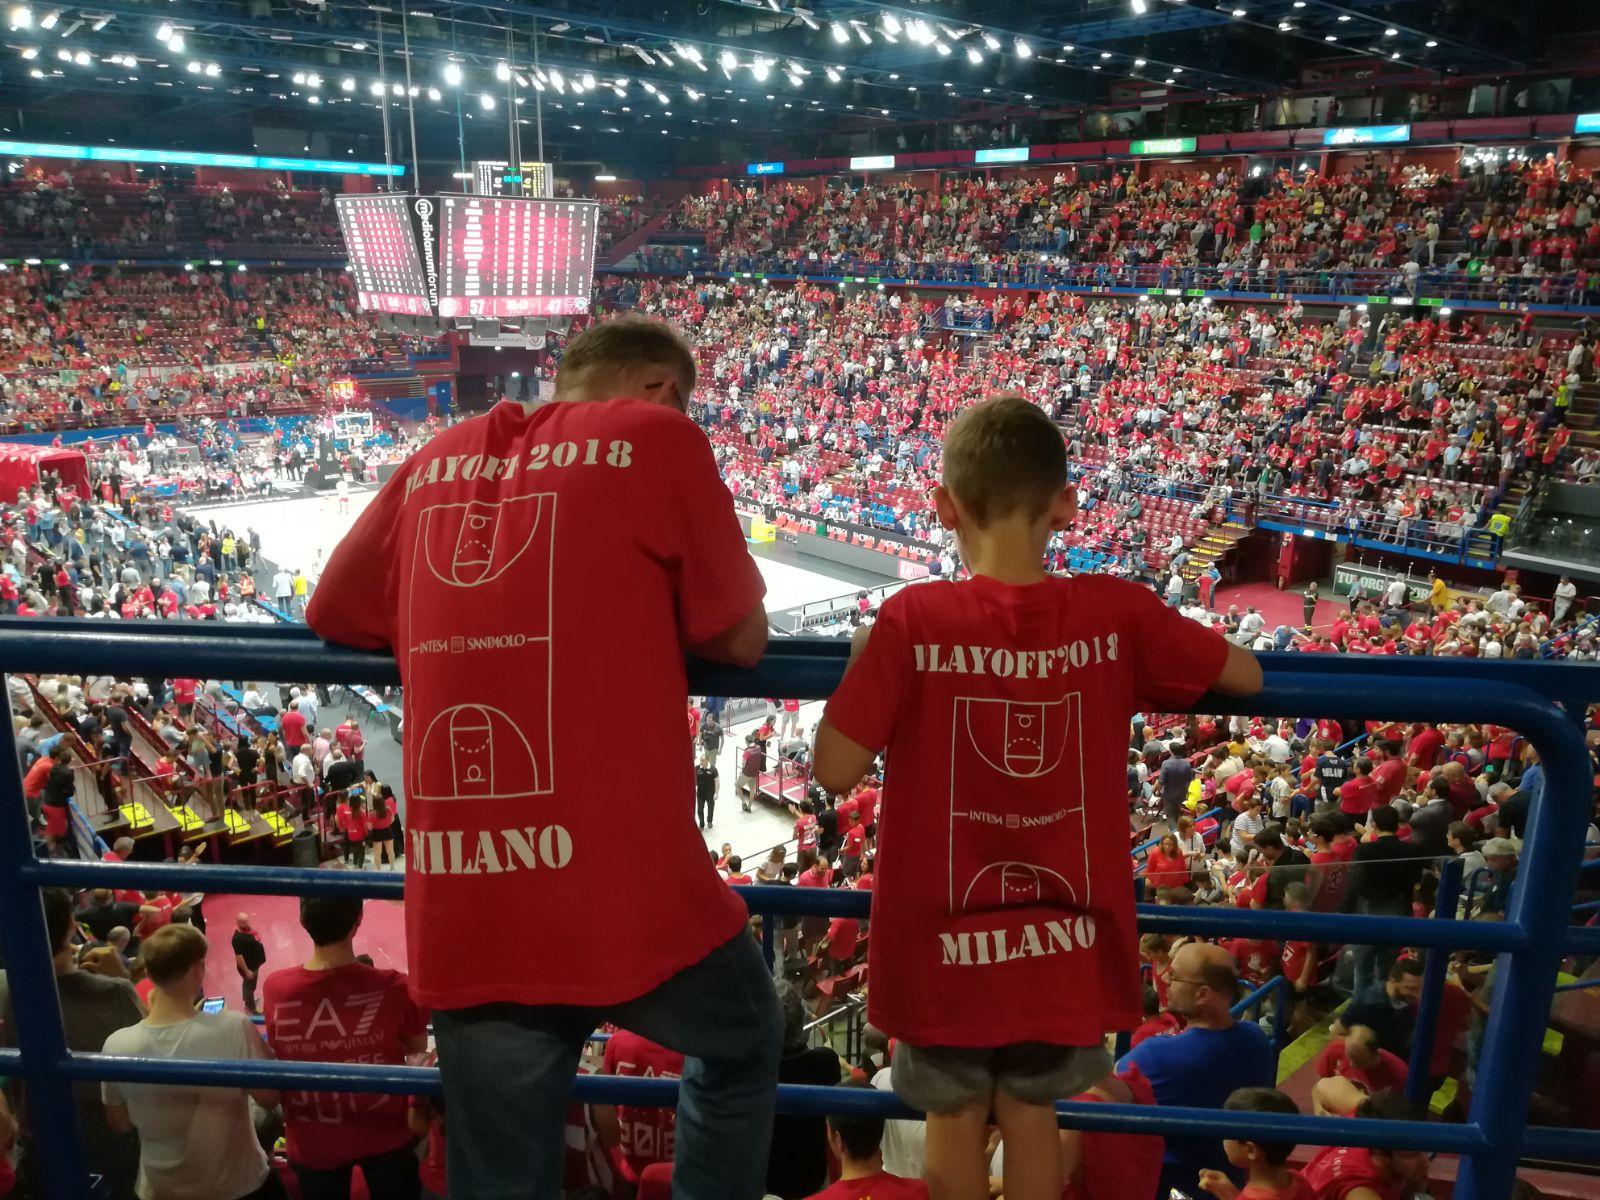 forum Milano Trento